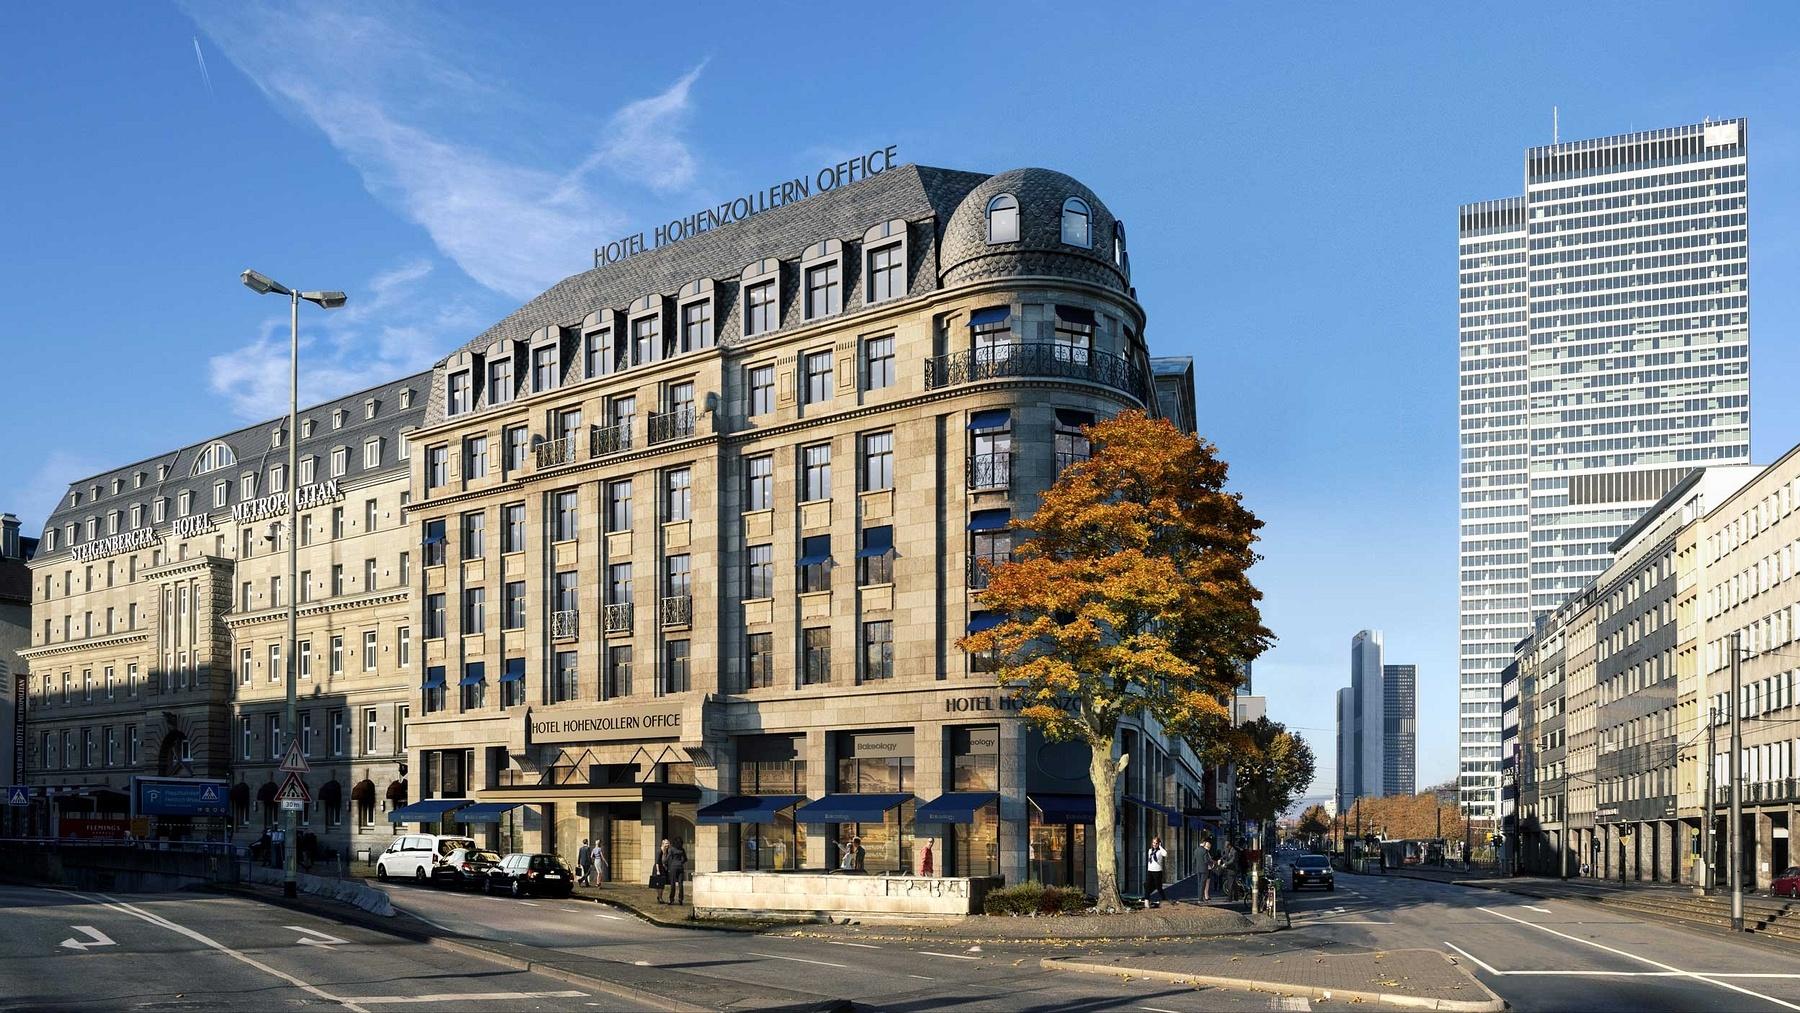 ex_hotel_hohenzollern_revit_2020_02.jpg